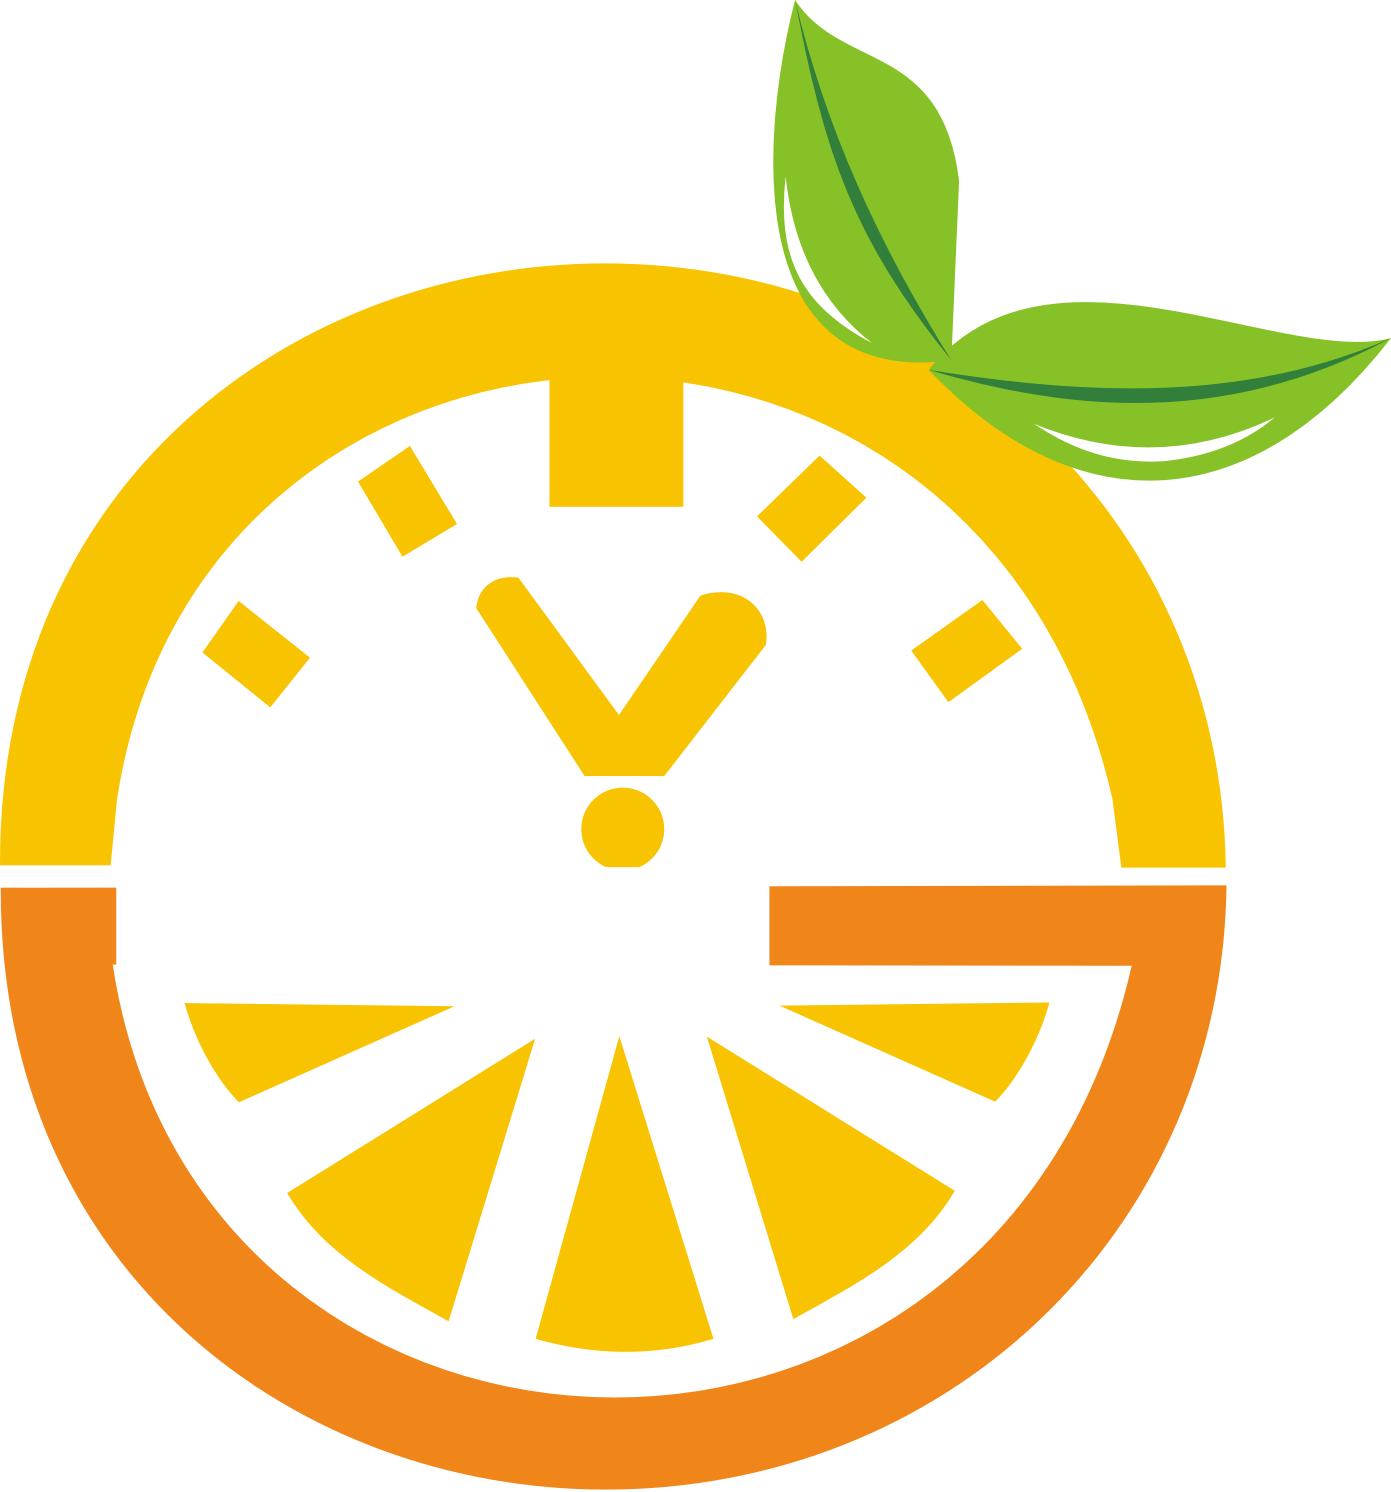 logo logo 标志 设计 矢量 矢量图 素材 图标 1391_1492